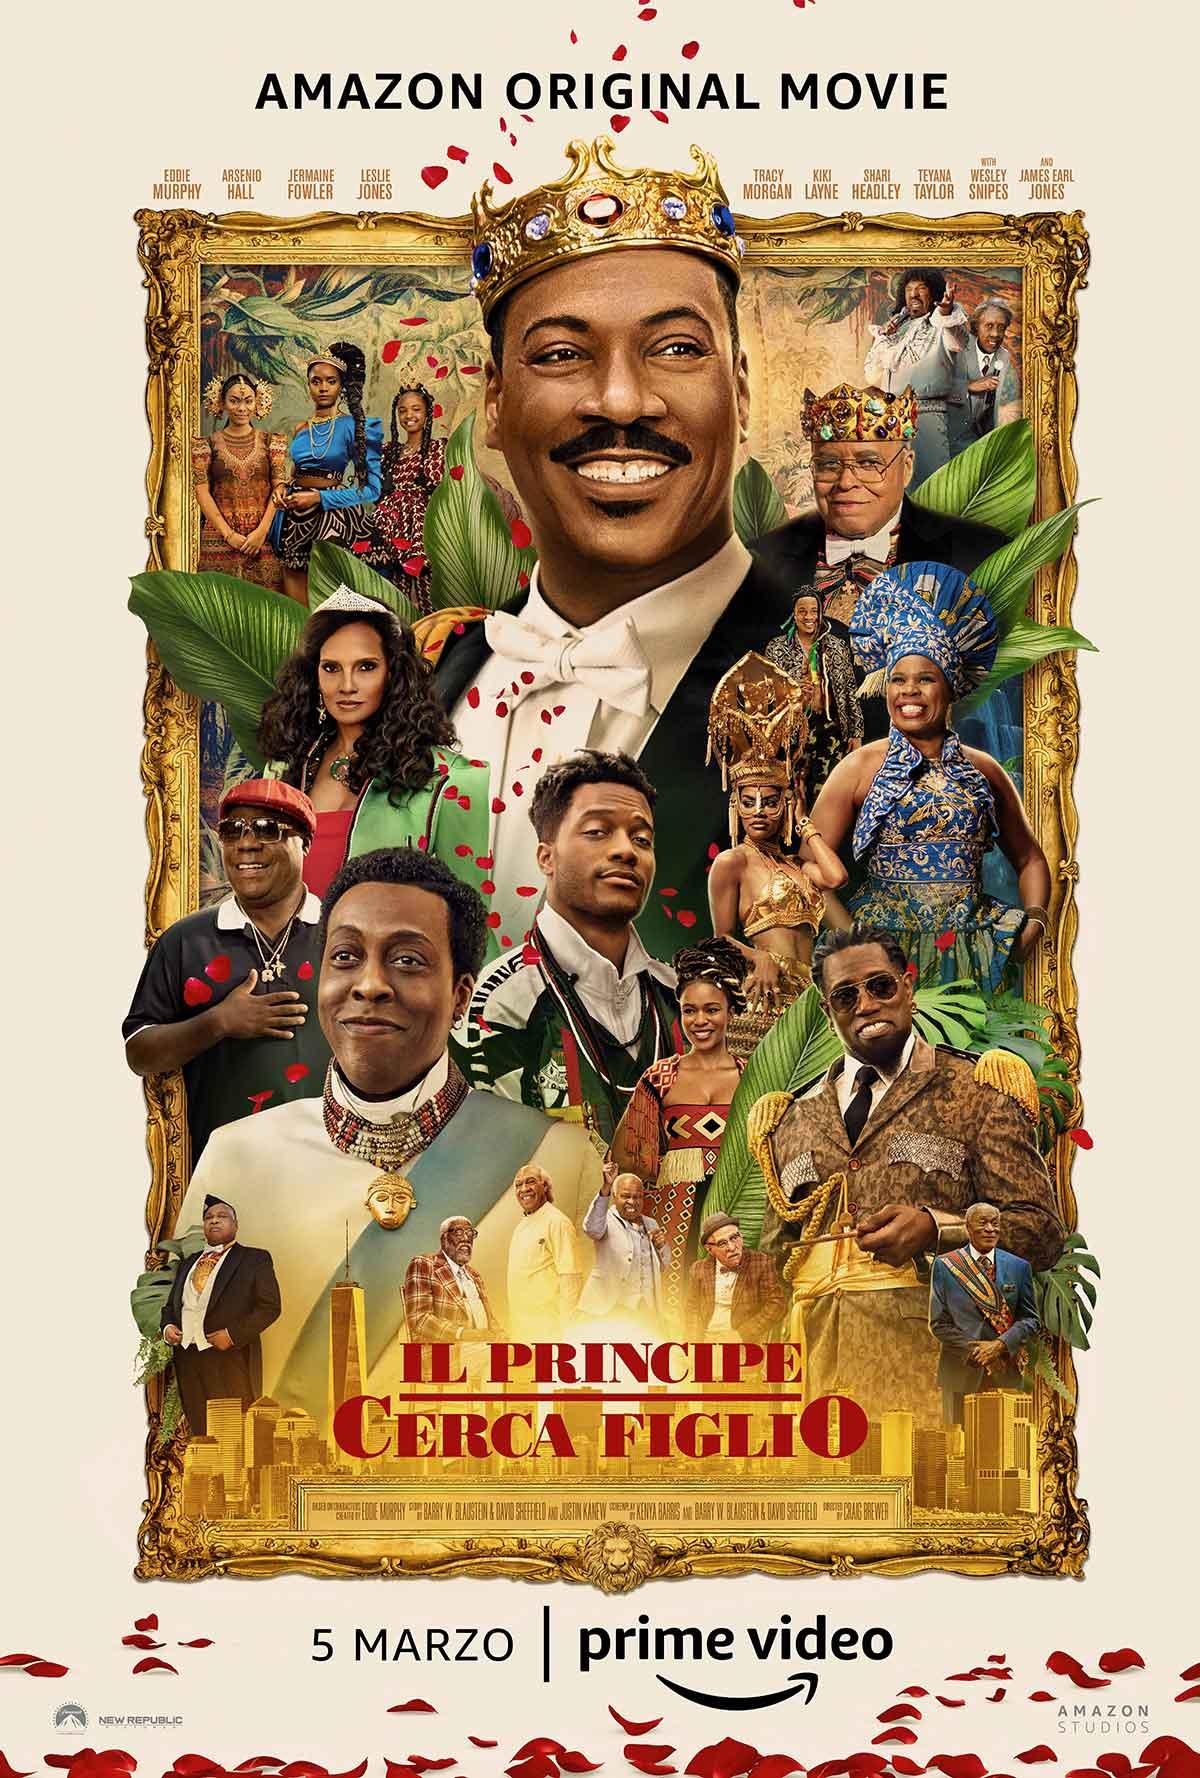 Il principe cerca figlio: il poster italiano